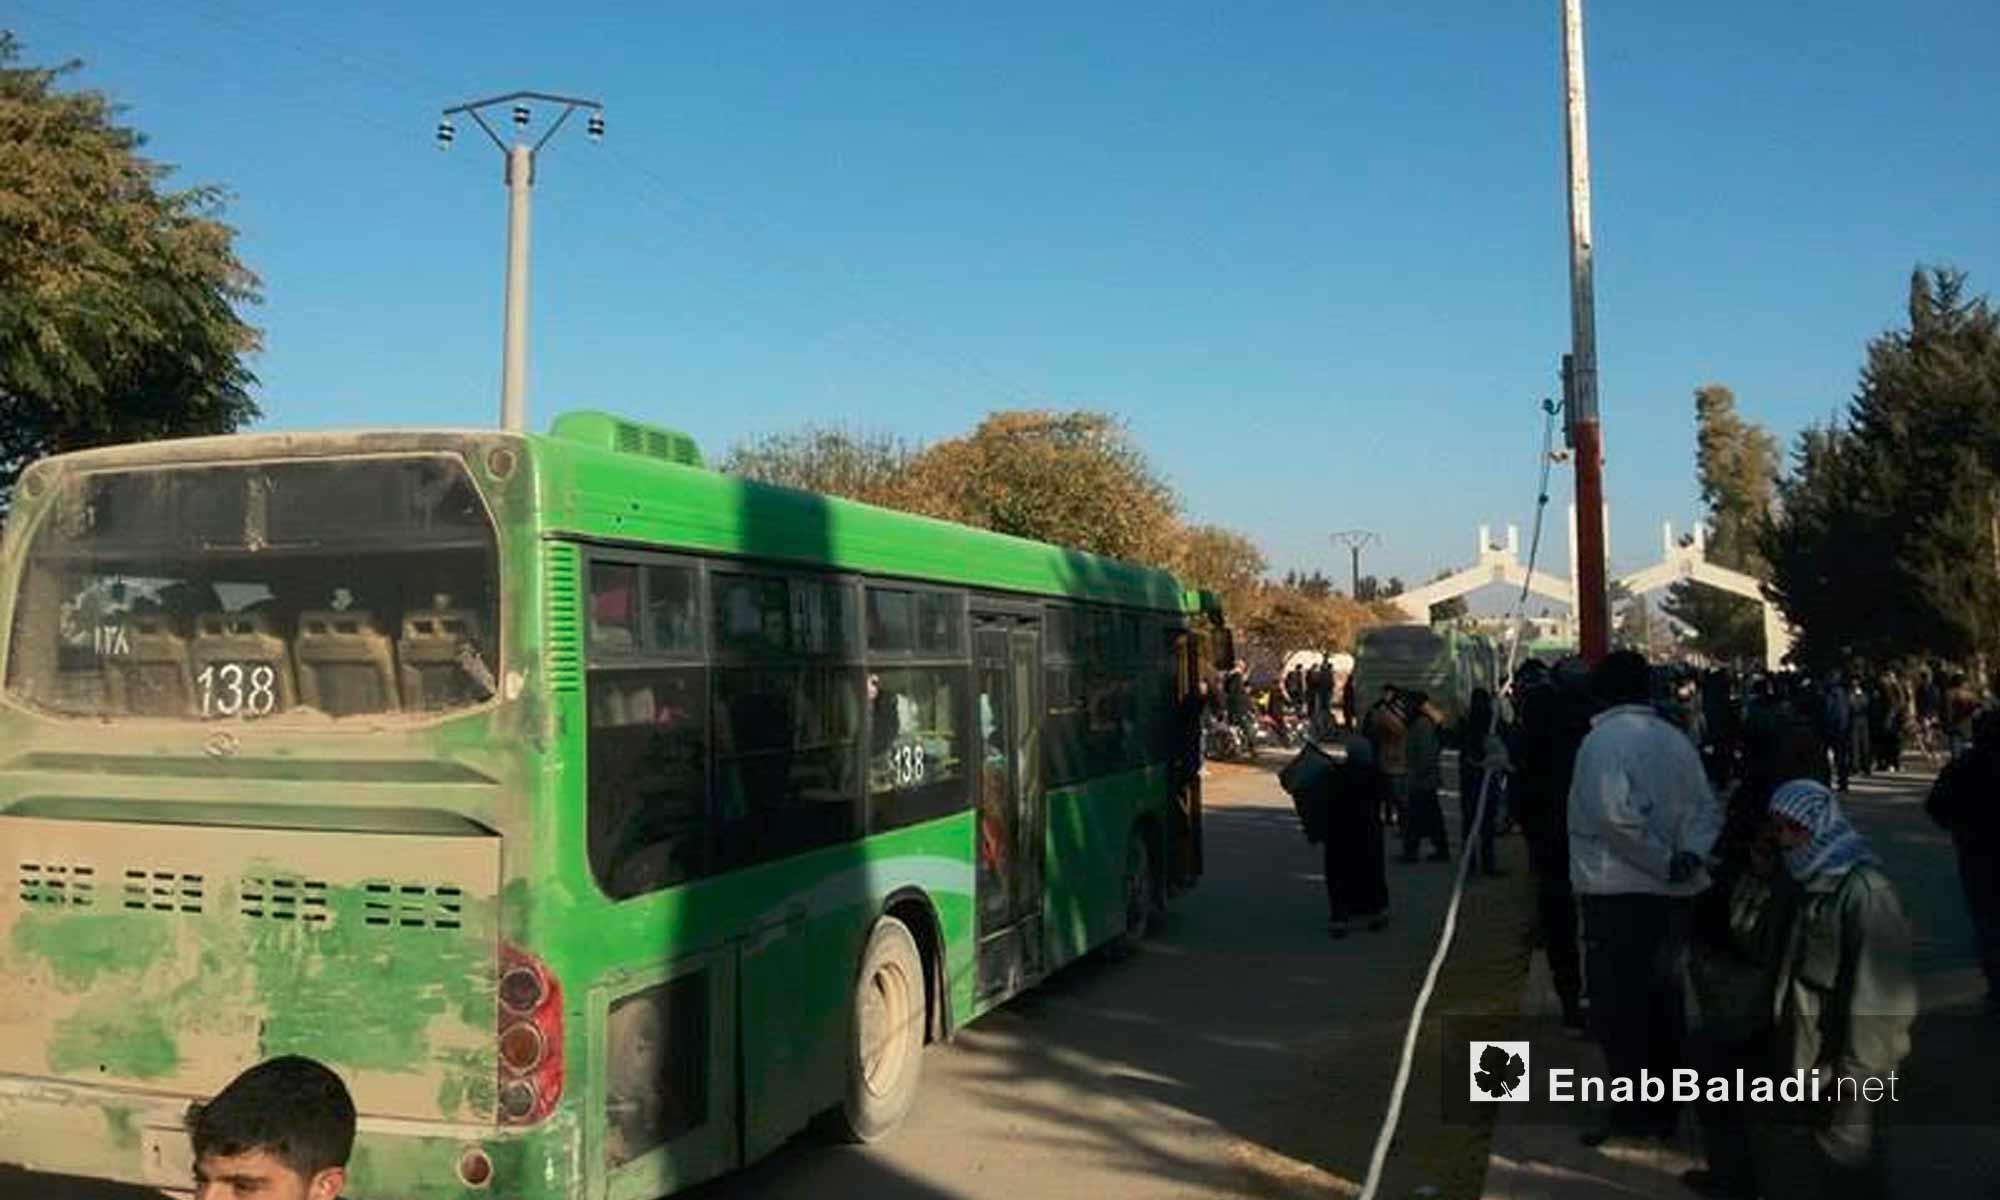 أهالي خان الشيح في ريف دمشق ينتظرون الخروج إلى ريف إدلب - 28 تشرين الثاني 2016 (عنب بلدي)